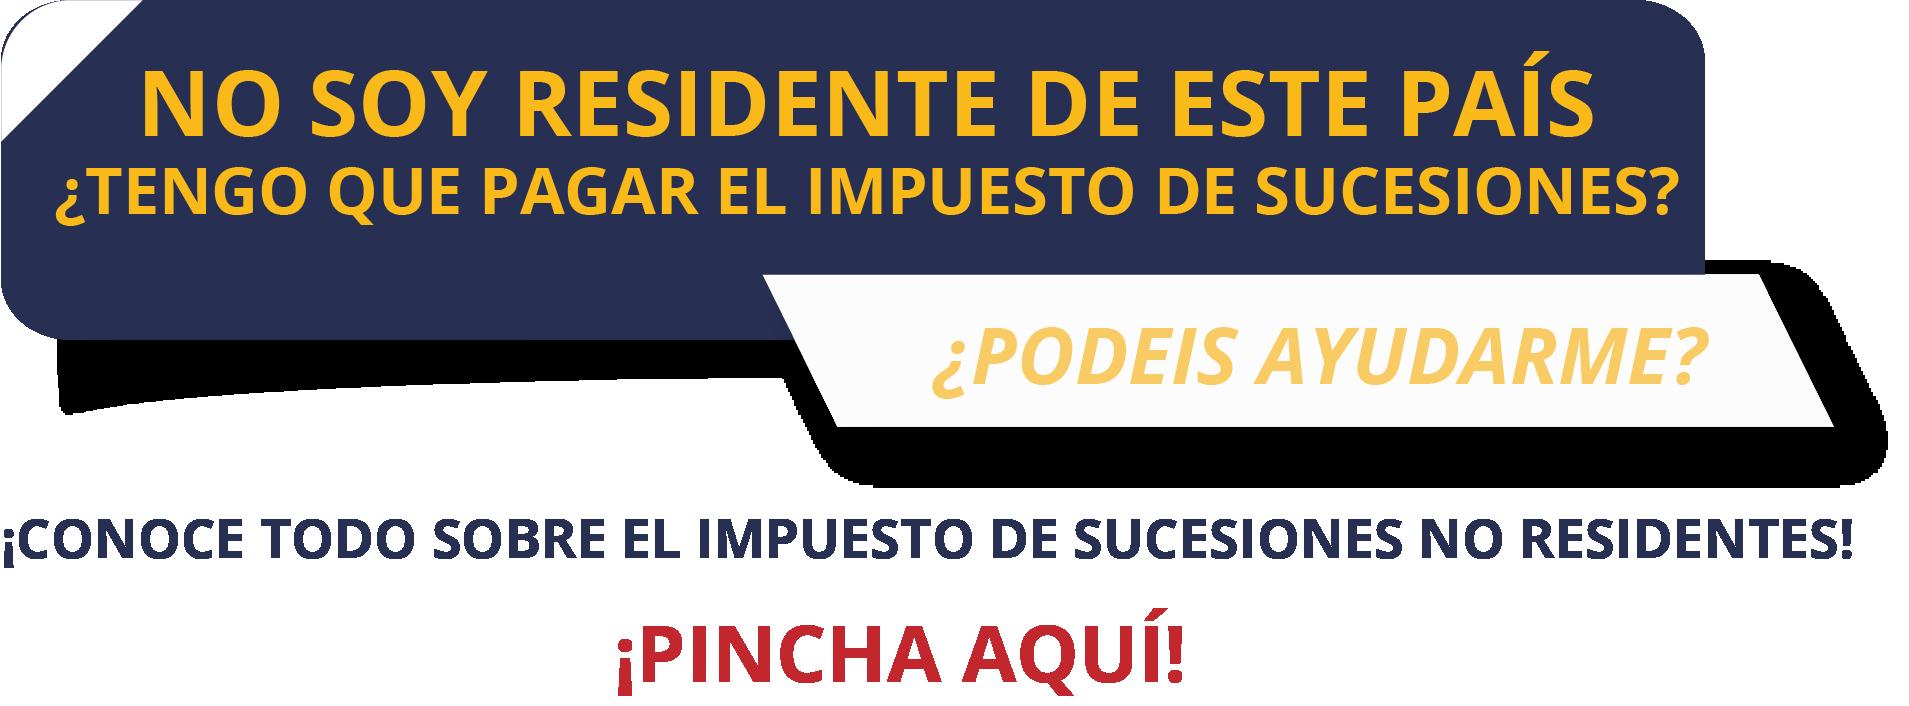 IMPUESTO DE SUCESIONES NO RESIDENTES